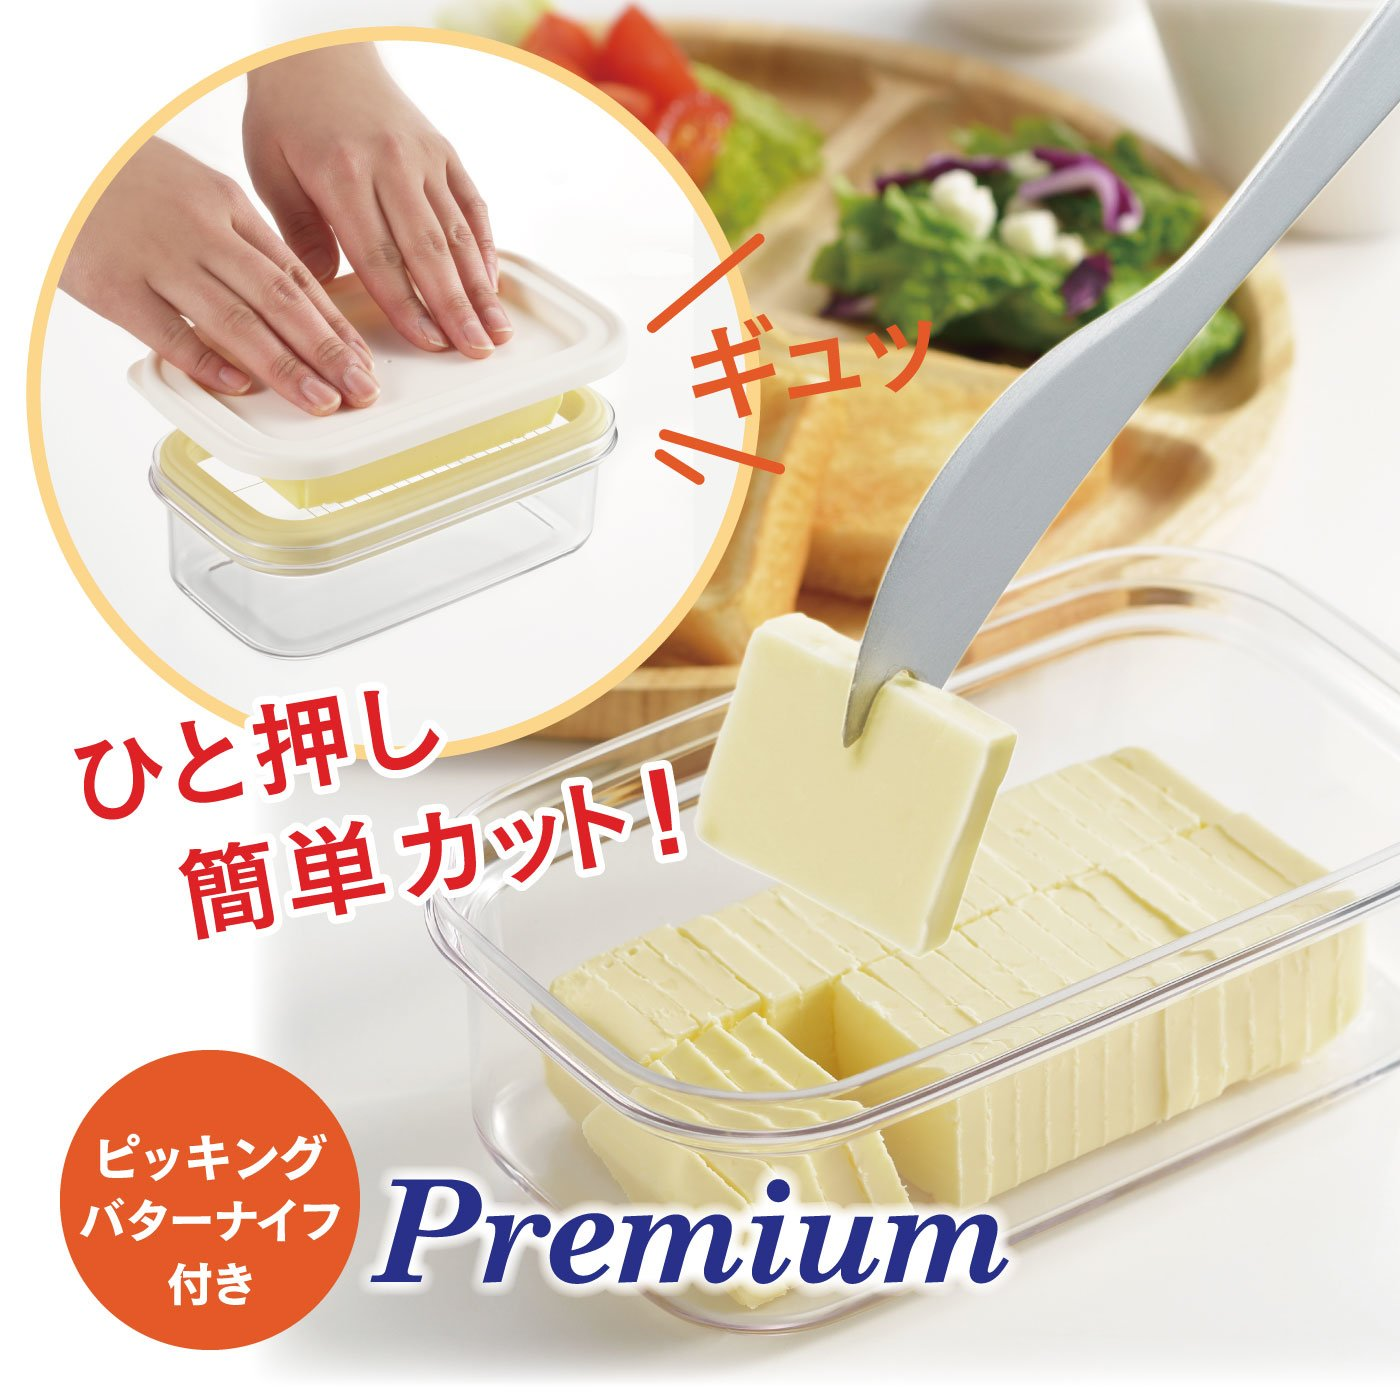 バター好きの神アイテム カットできちゃうバターケース プレミアム